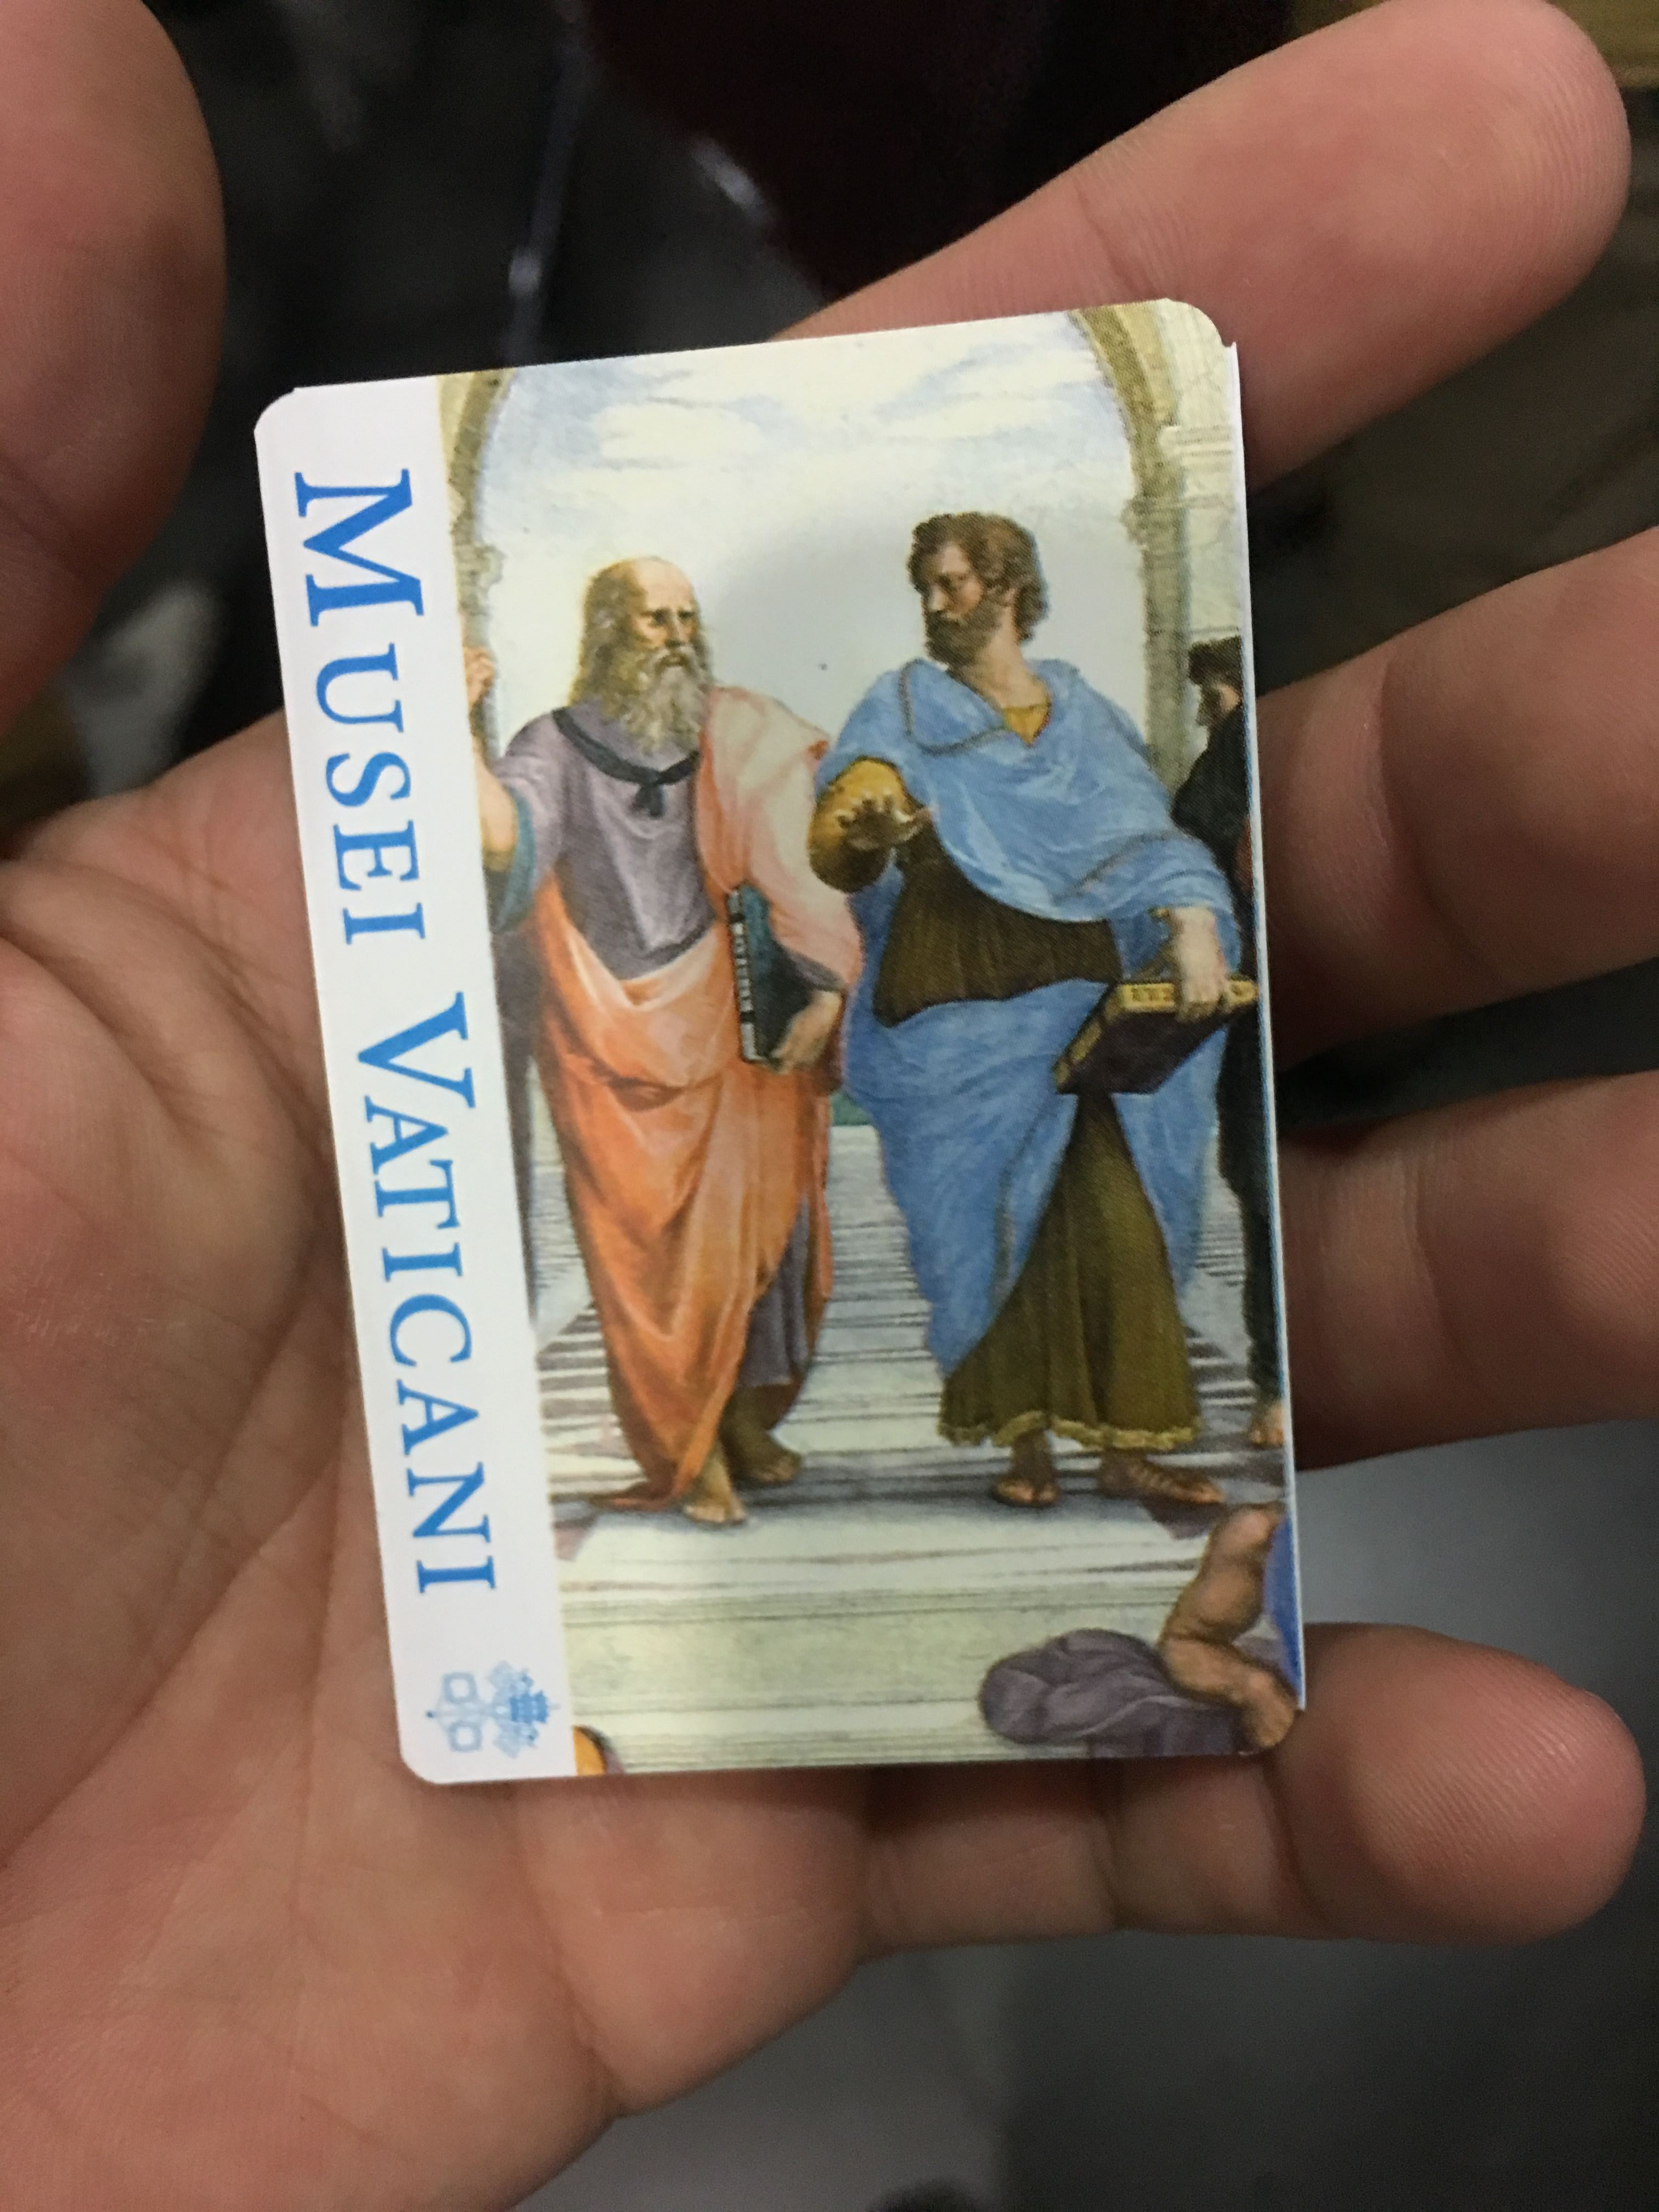 Ingresso do Museu do Vaticano